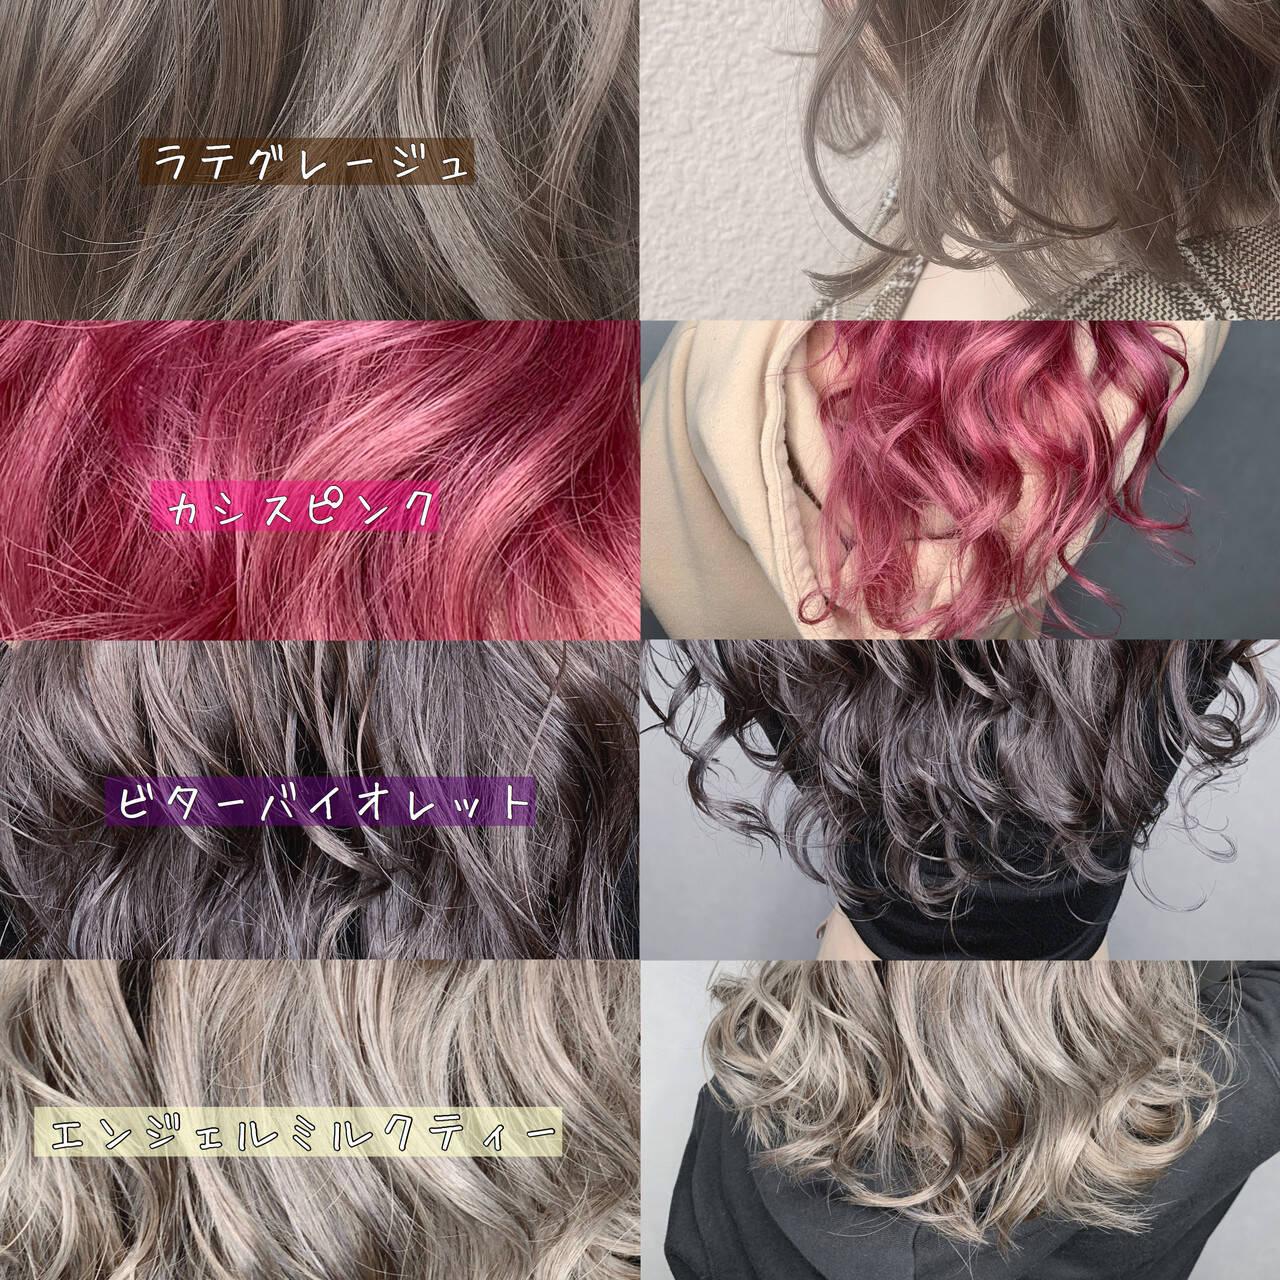 バレイヤージュ ハイライト グラデーションカラー ロングヘアスタイルや髪型の写真・画像